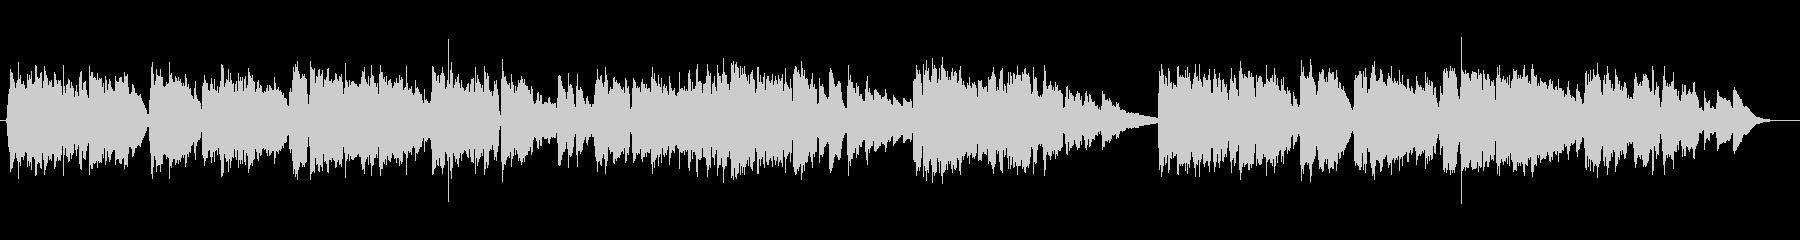 英語洋楽:静かな純愛バラード・アコギ独唱の未再生の波形